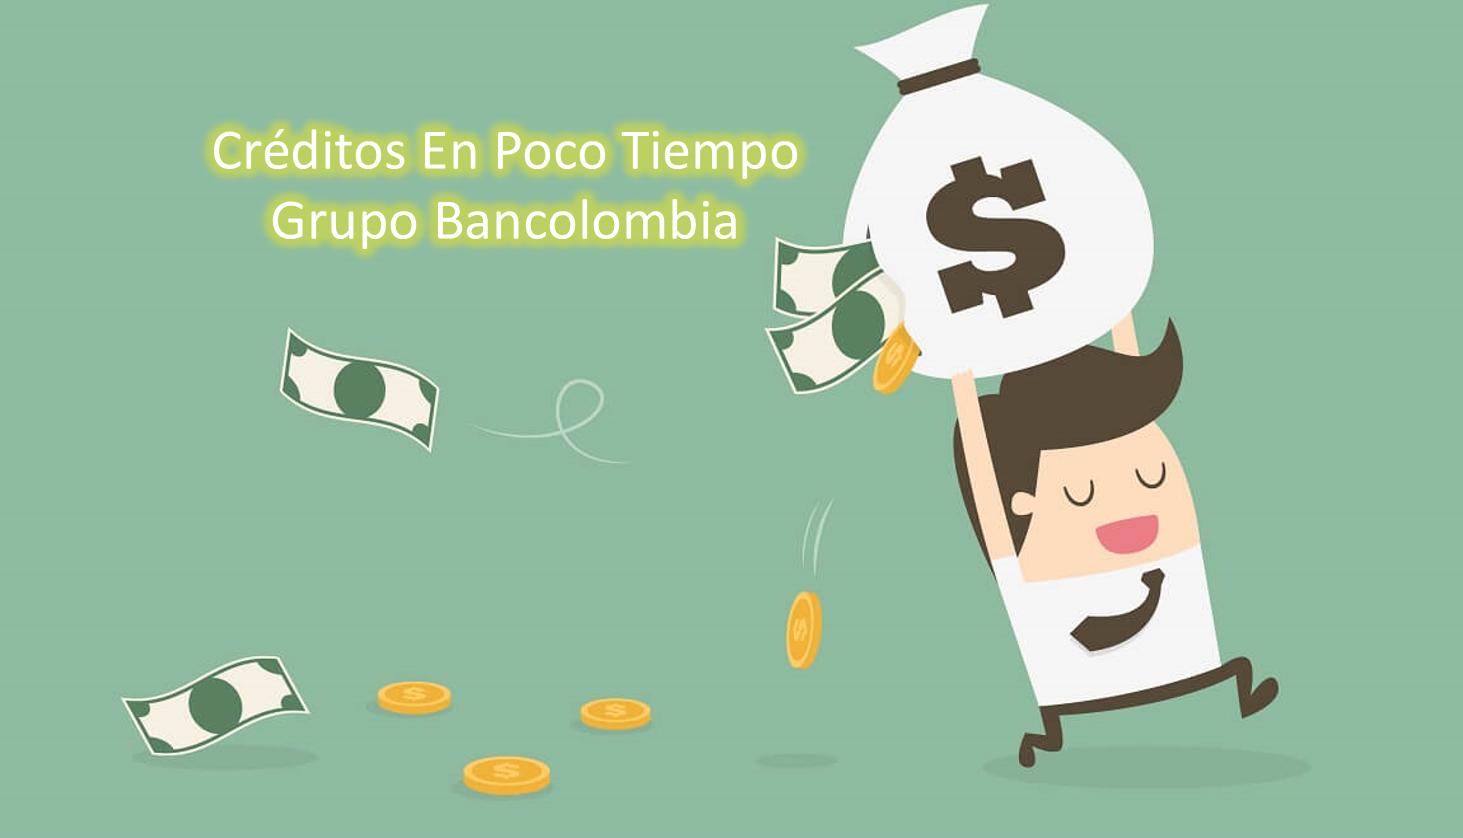 Bancolombia tiene créditos disponibles para ofrecer